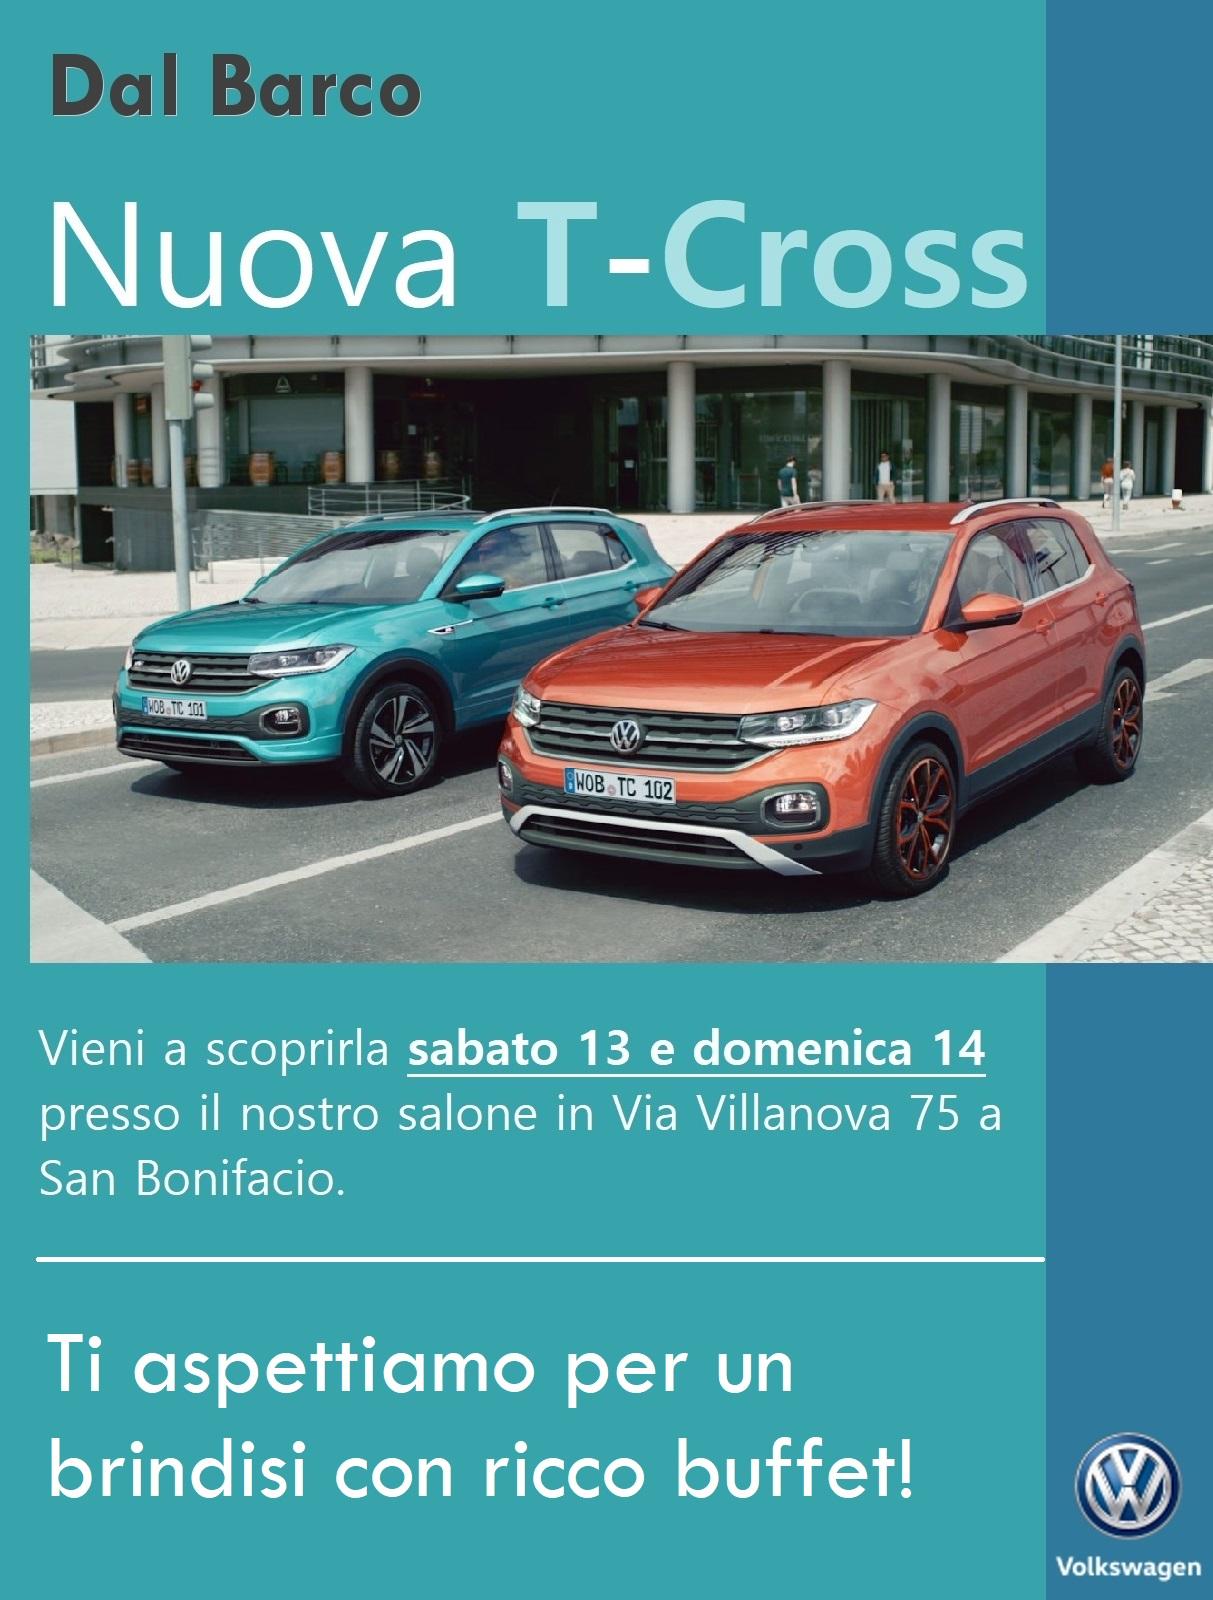 Presentazione nuova Volkswagen T-Cross